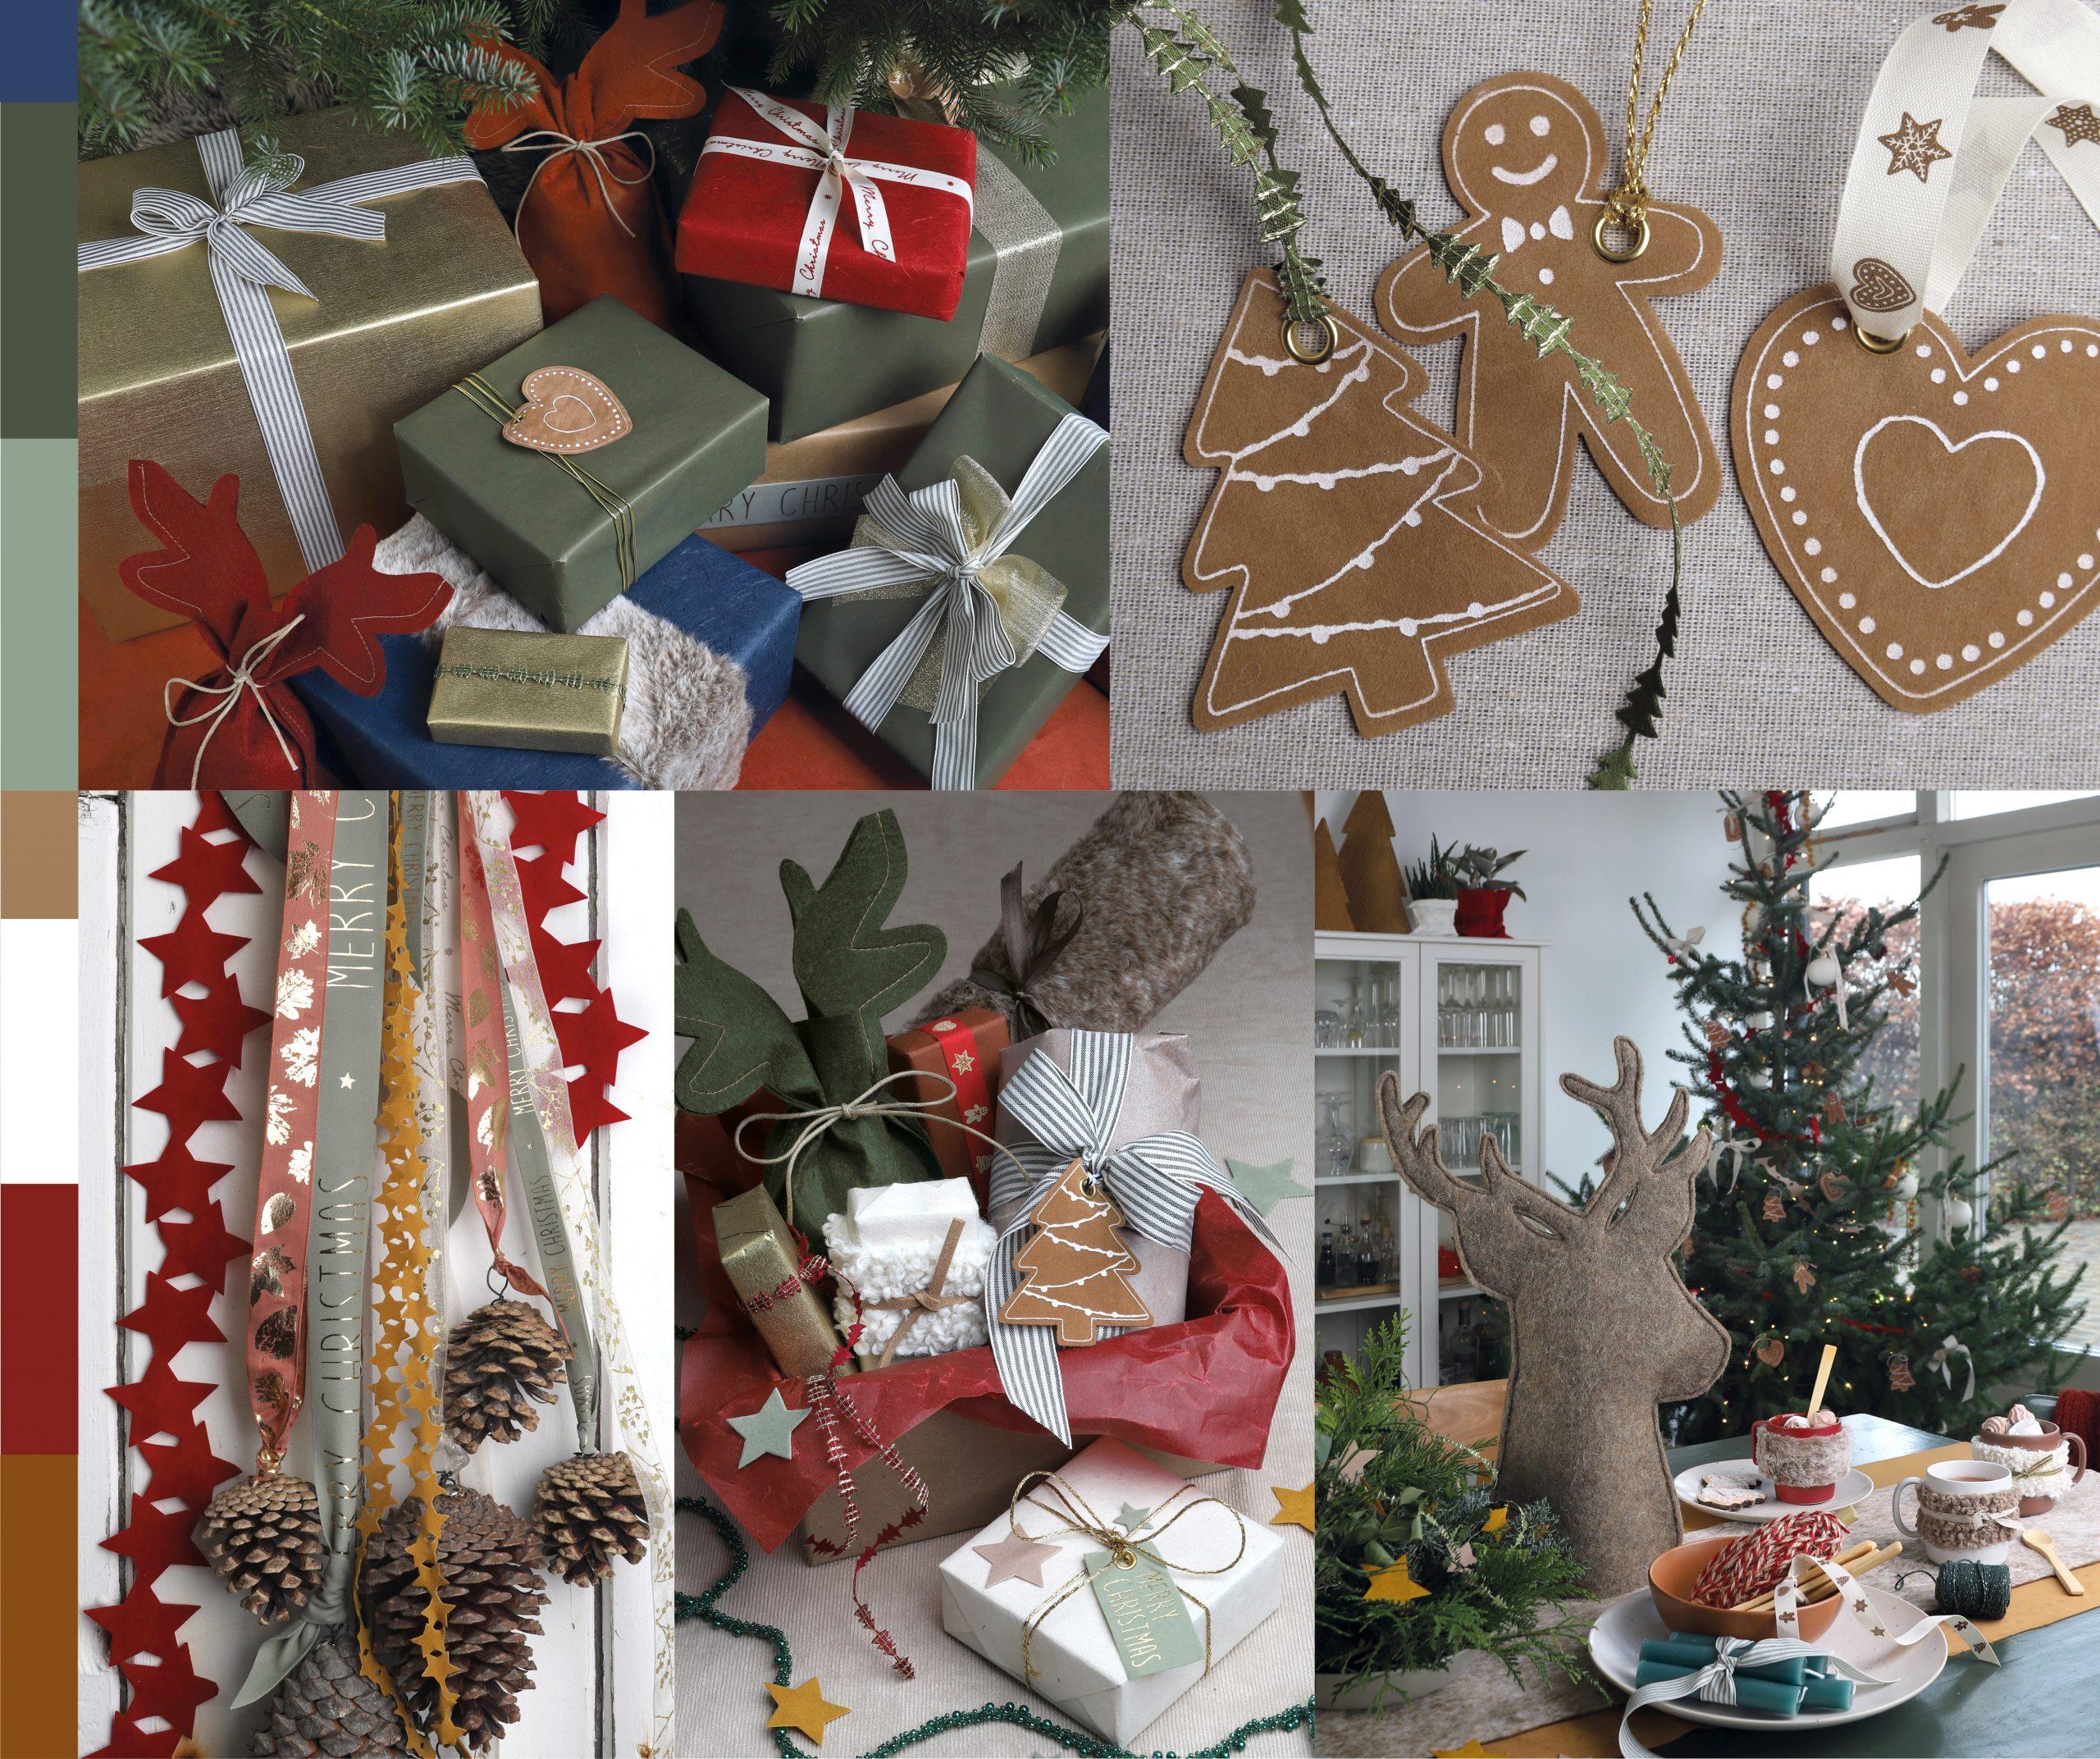 Happy holidays thema met gingerbread tags, lint en rendier zakjes